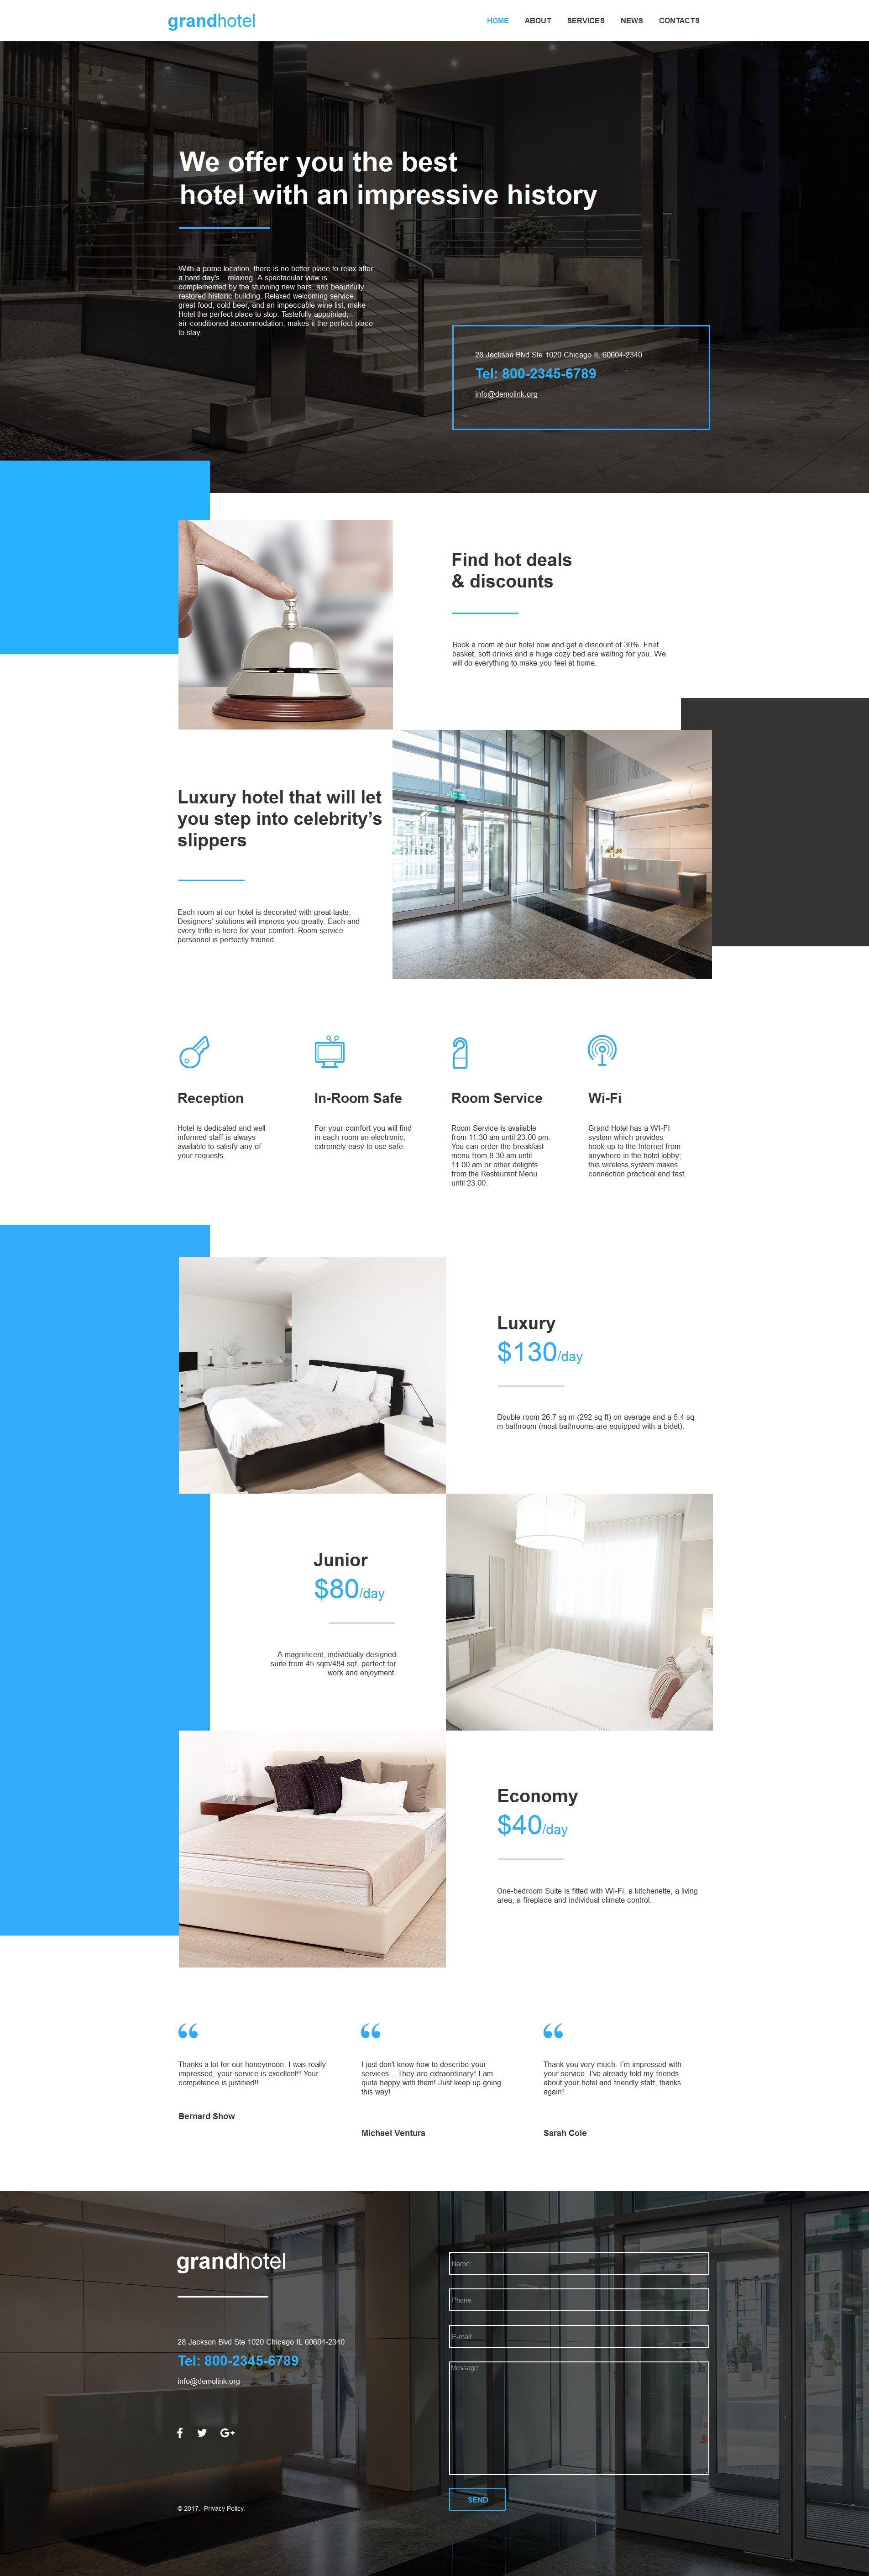 Plantilla Moto CMS HTML #59302 para Sitio de Hoteles